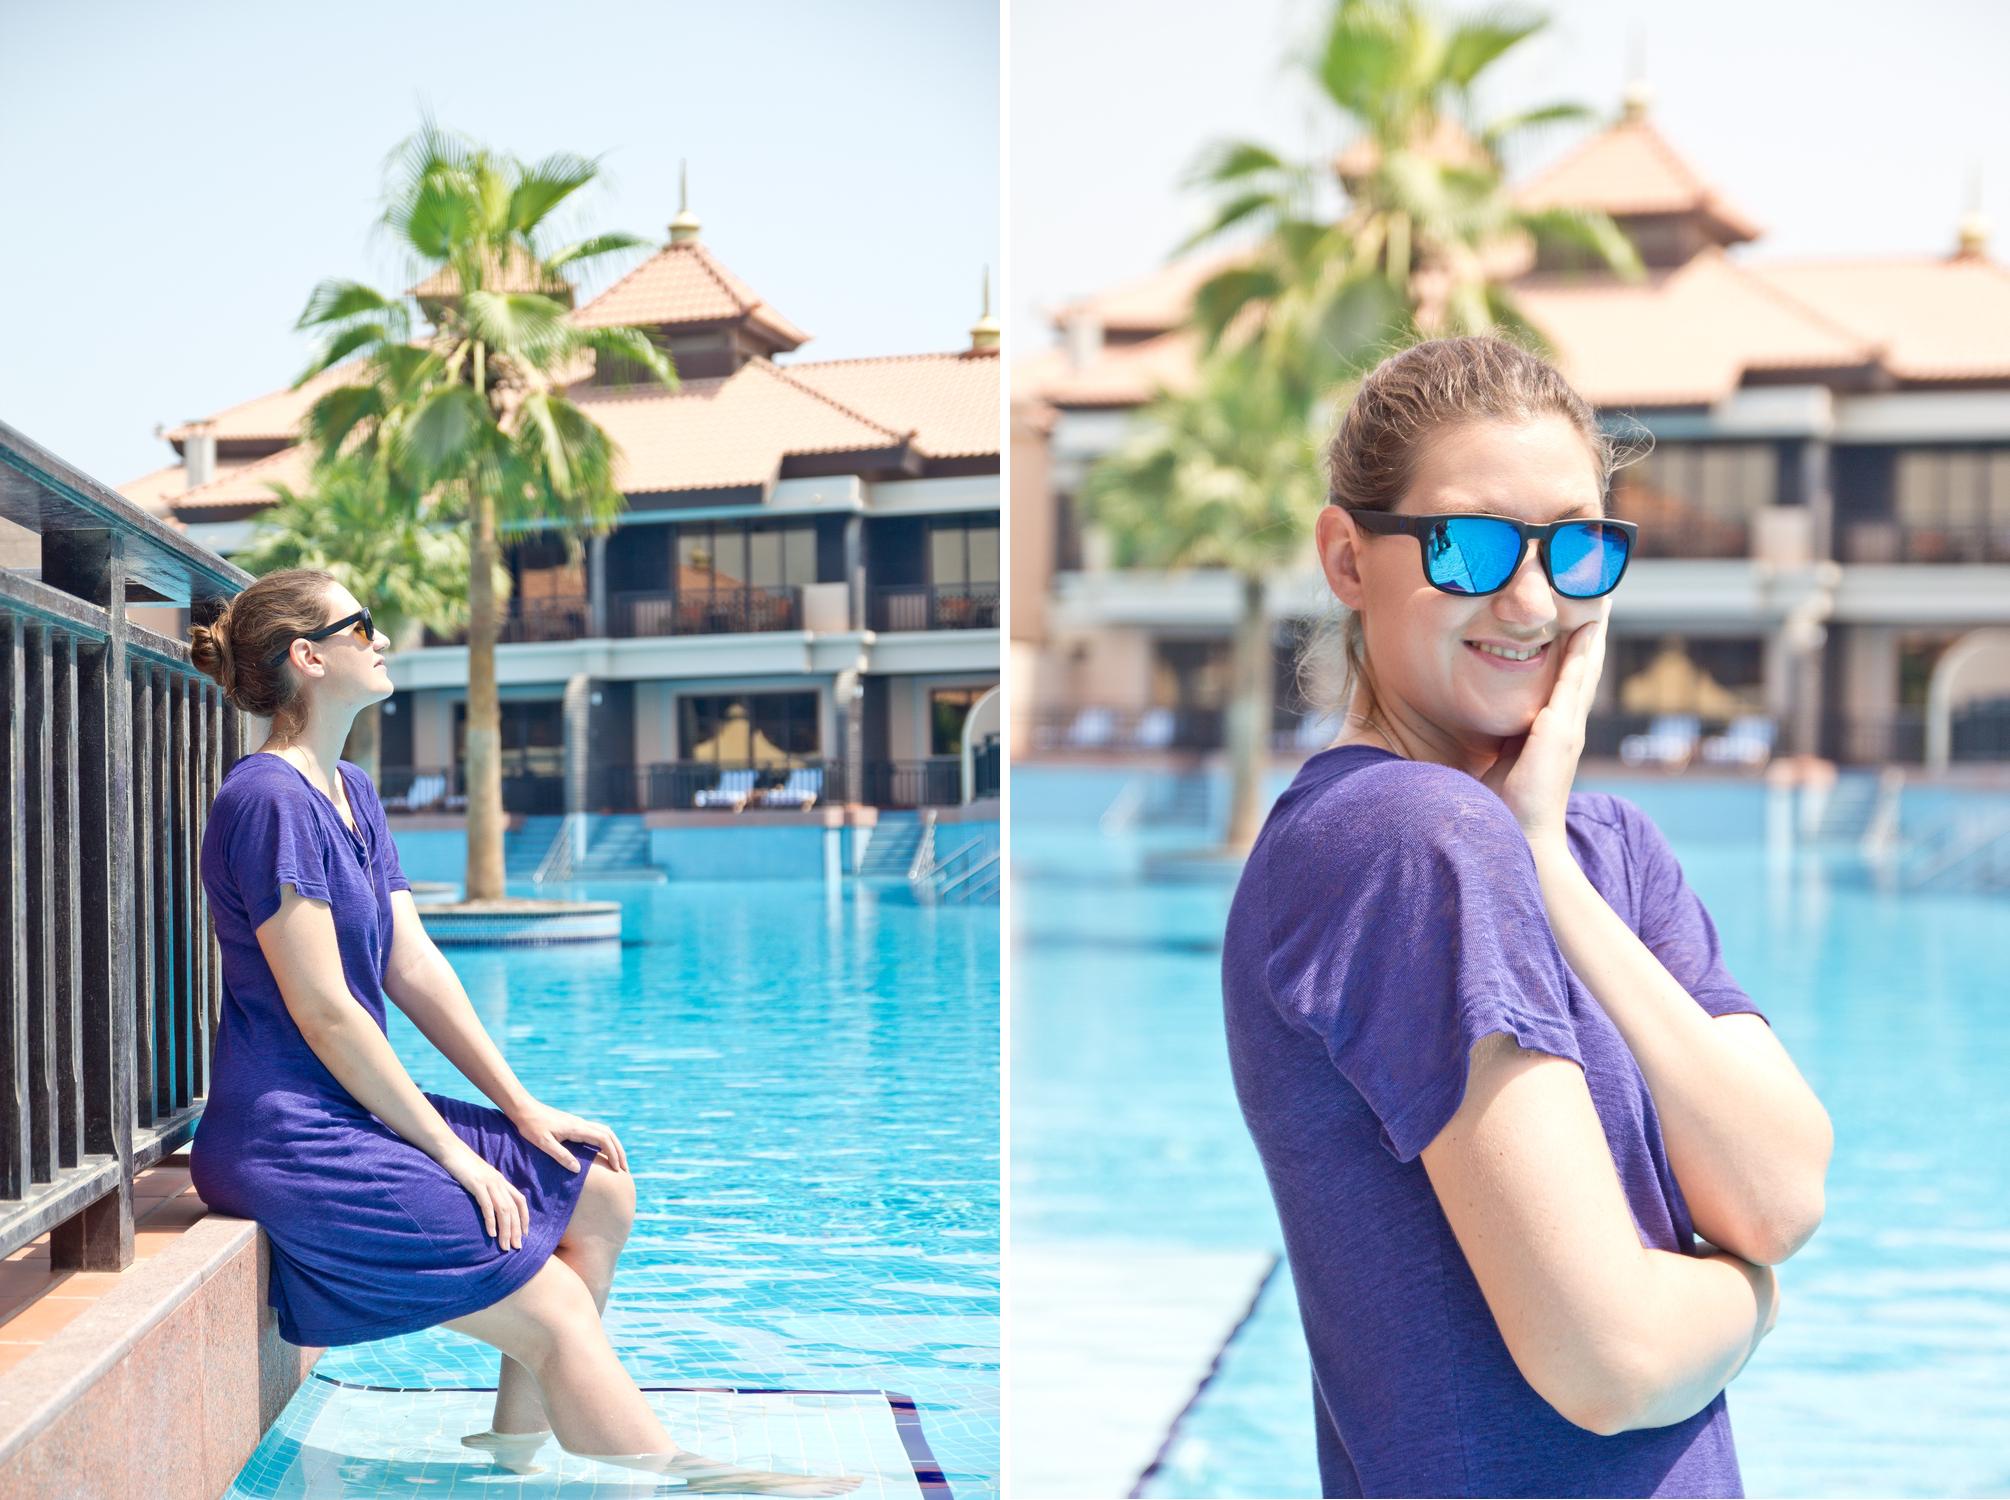 dubai_fashion_blog_eve_in_paradise_anantara_dubai_the_palm_resort_spa_hotel_beach_reiseblog_travelblog_06